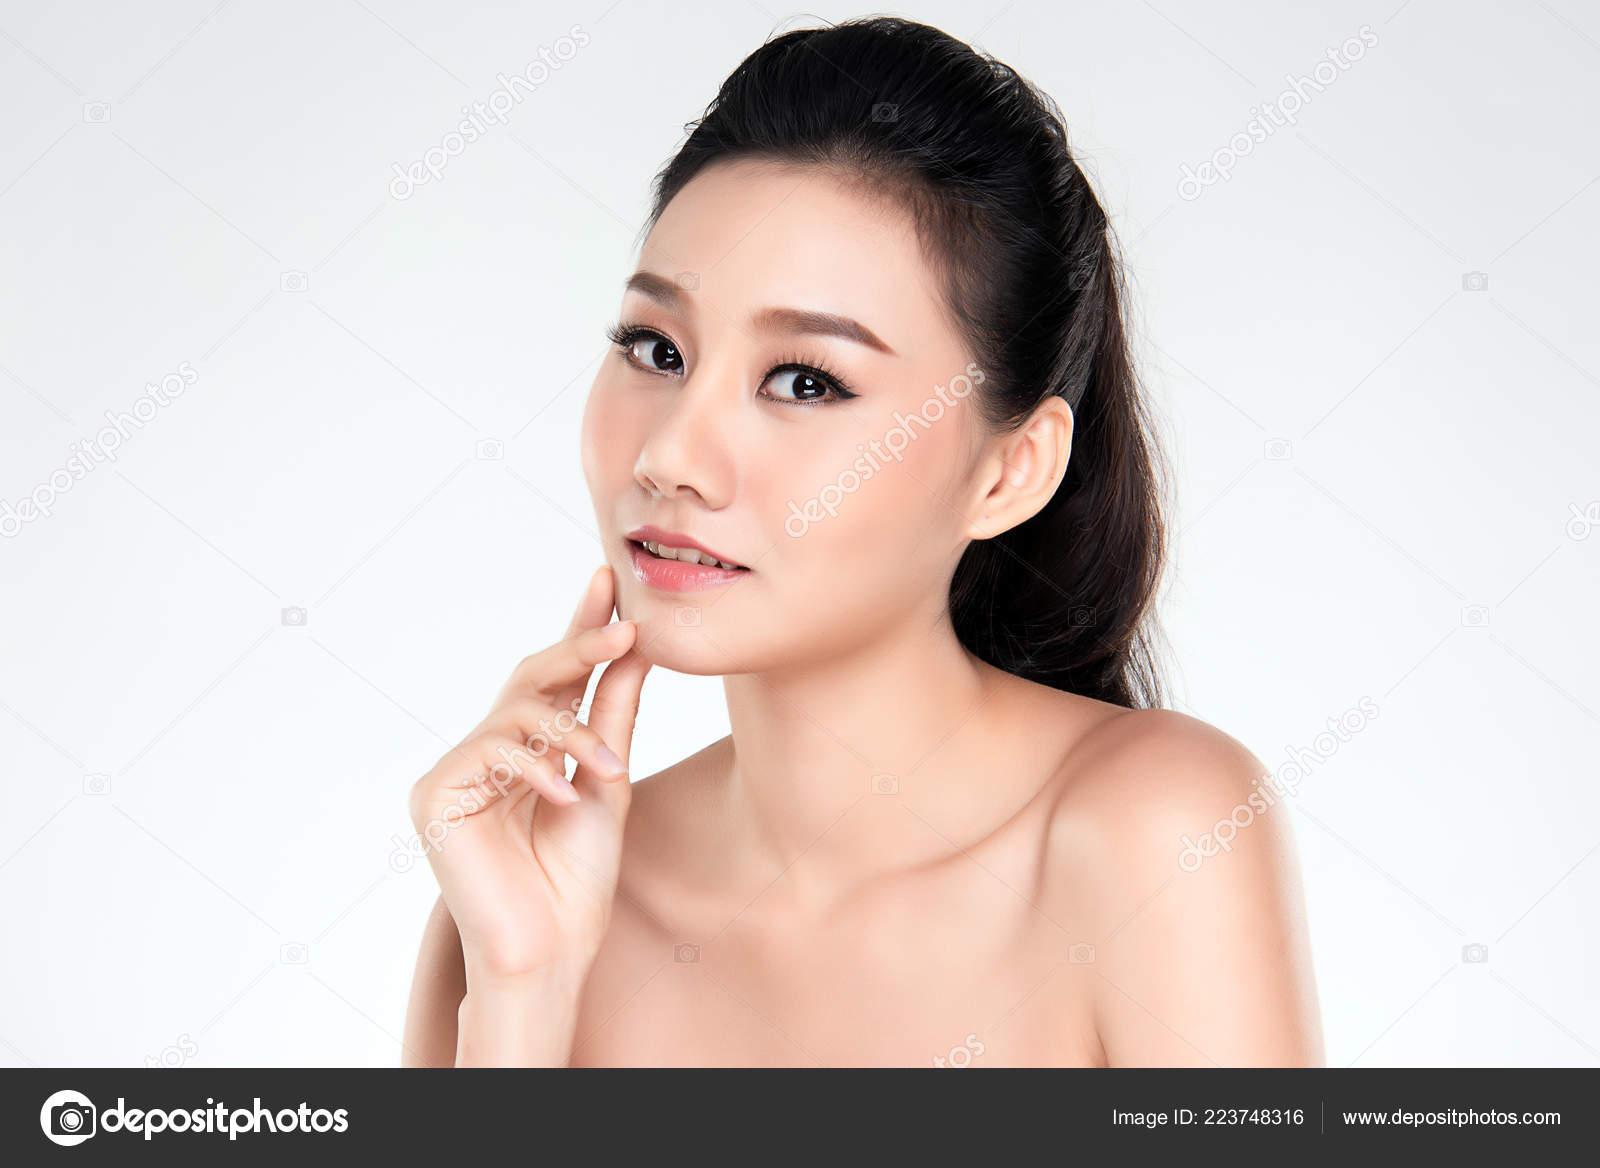 Beautiful Young Asian Woman Clean Fresh Skin Look Girl Beauty — Stock Photo